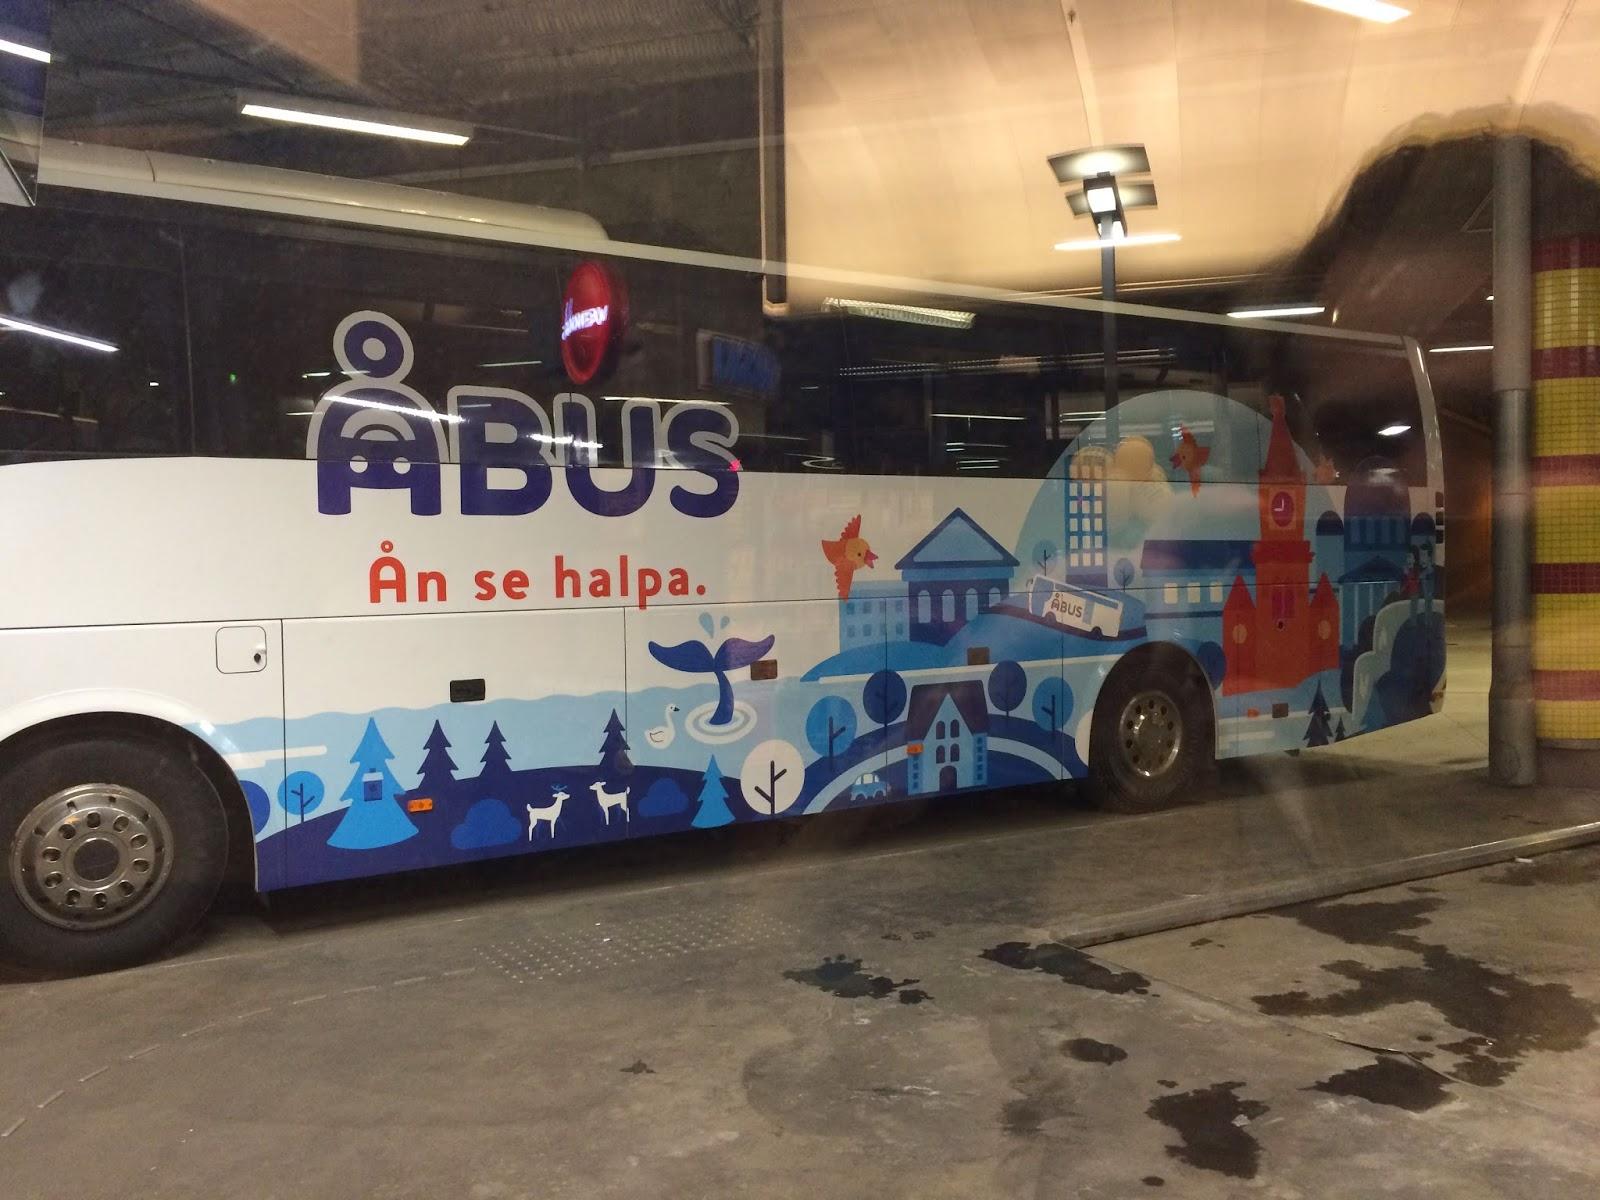 Åbussin bussi kuvattuna kampin terminaalin lasin läpi